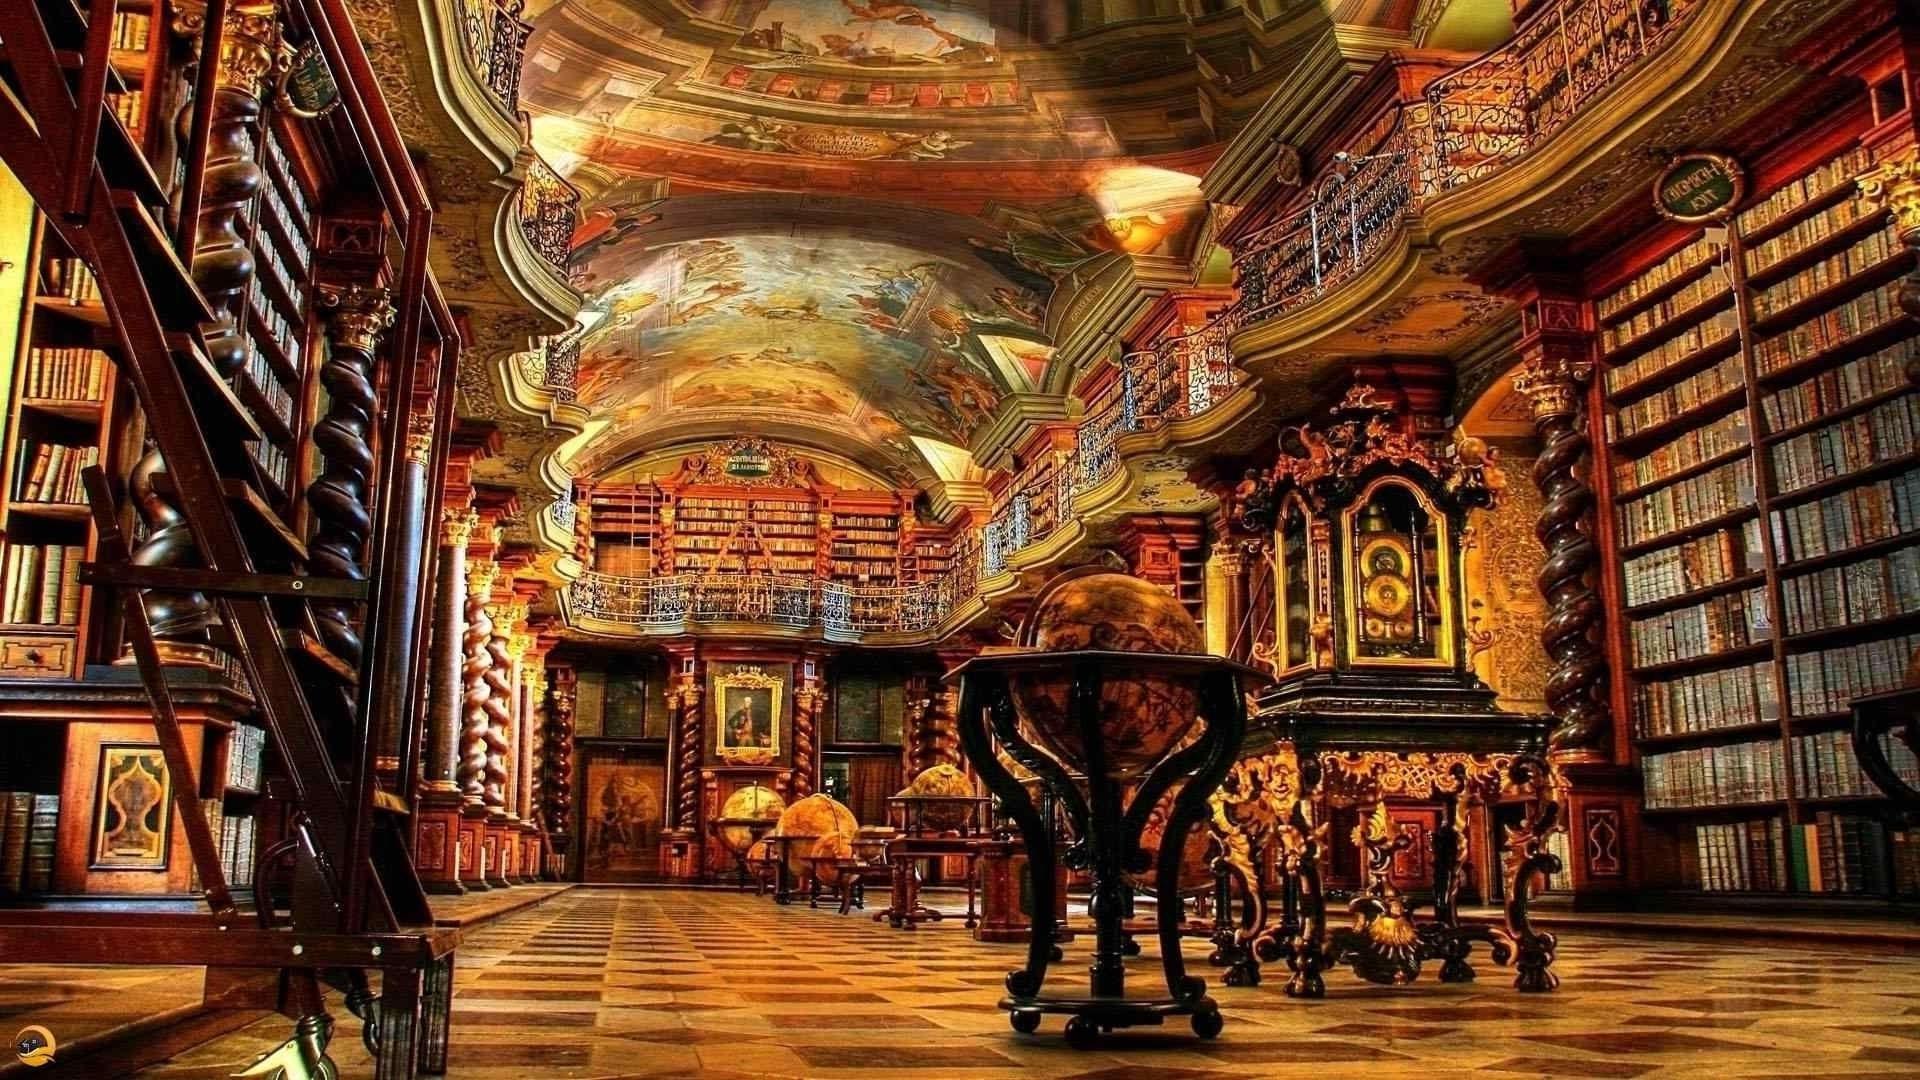 Library Room Design Get Design Pictures Get Design ...